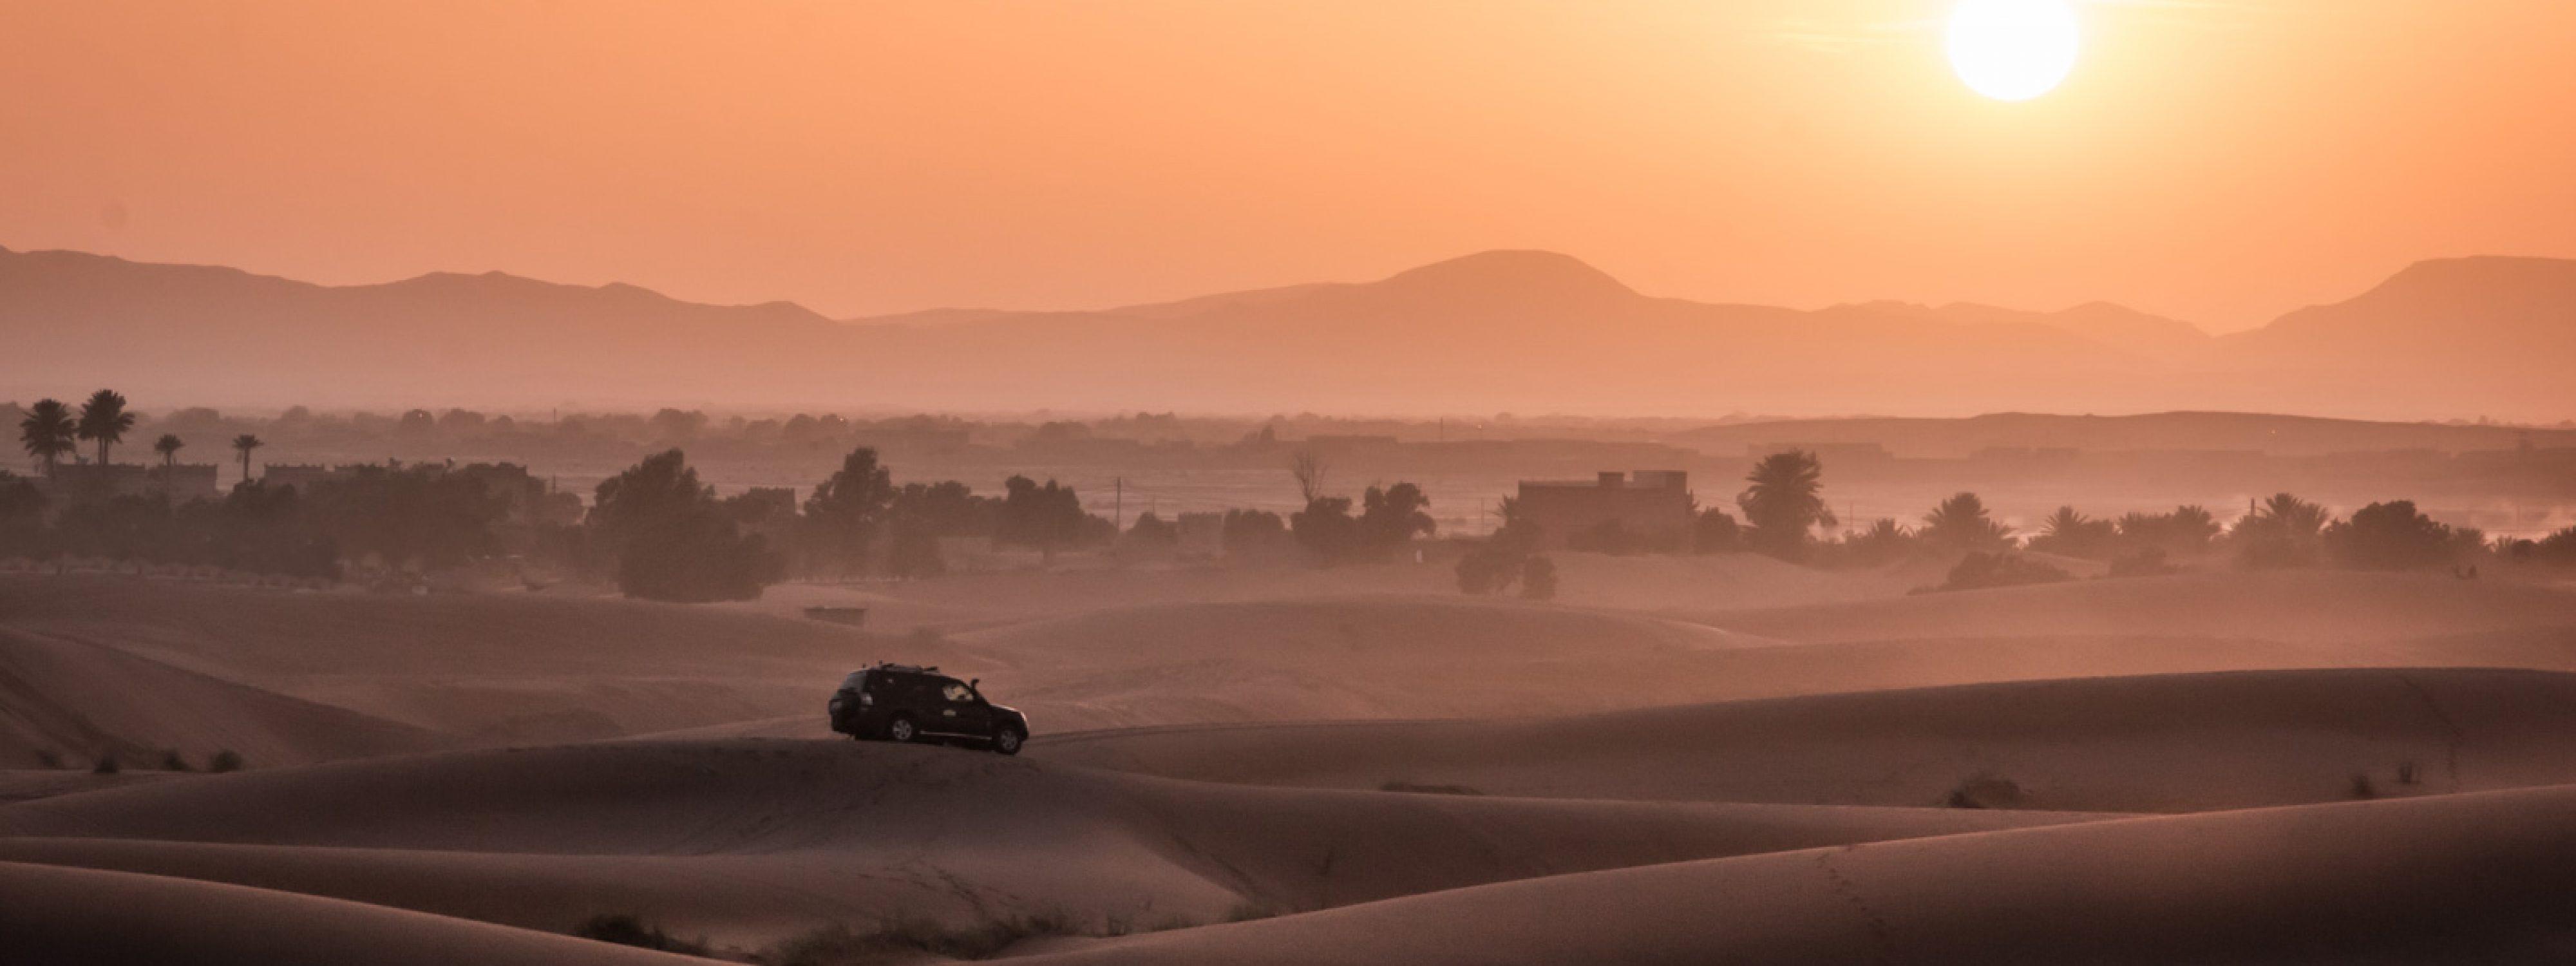 Road trip au Maroc: 10 jours dans l'Atlas, itinéraire et conseils